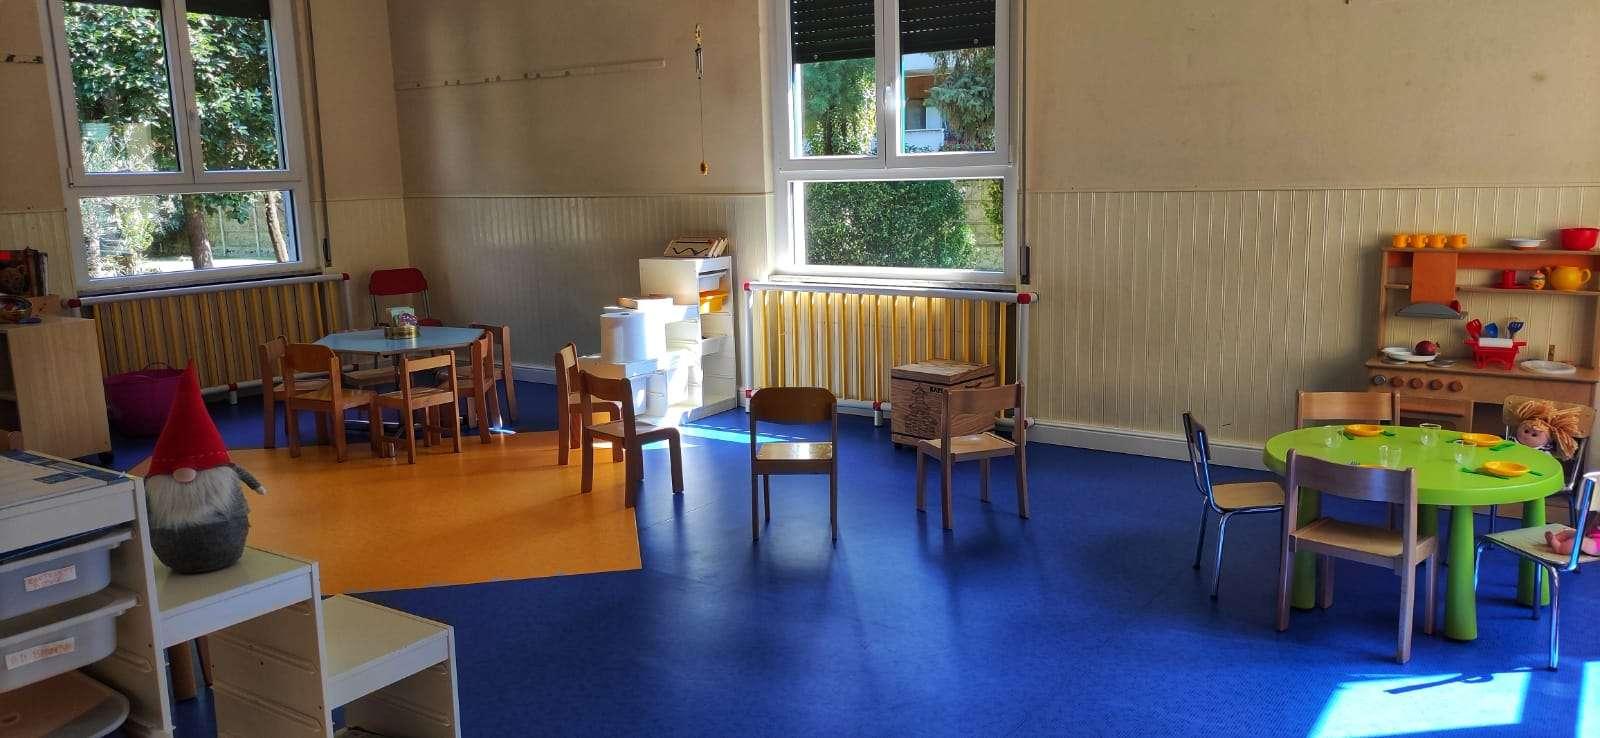 Pronti, partenza... via! 2 settembre inizia il nuovo anno scolastico - Scuola Materna Peschiera Borromeo